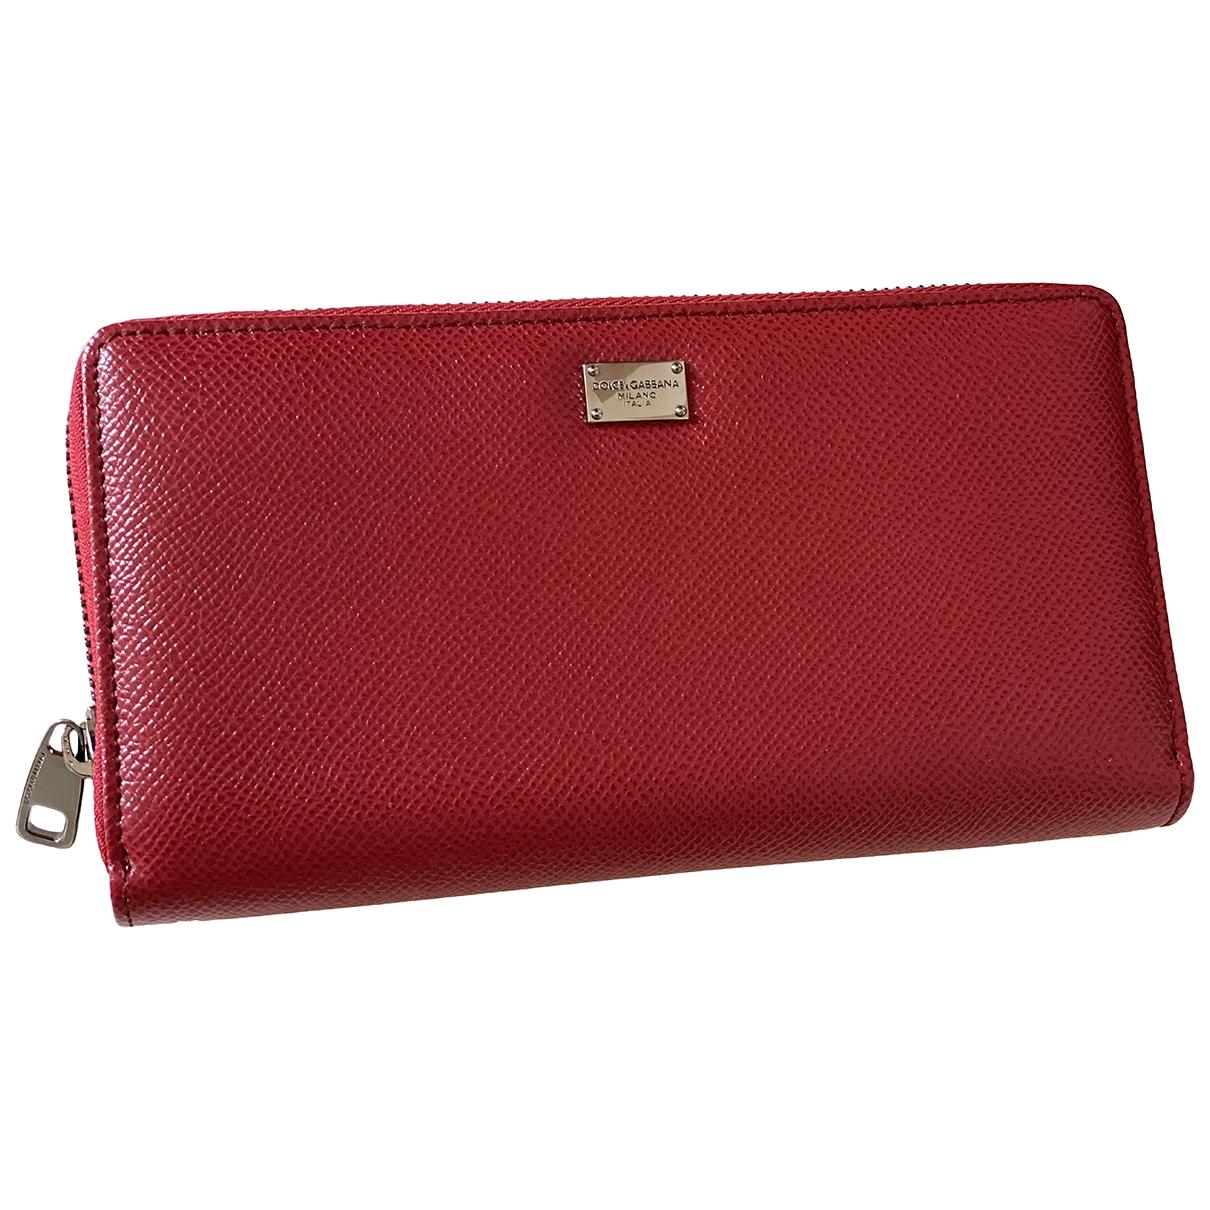 Dolce & Gabbana \N Portemonnaie in  Rot Leder